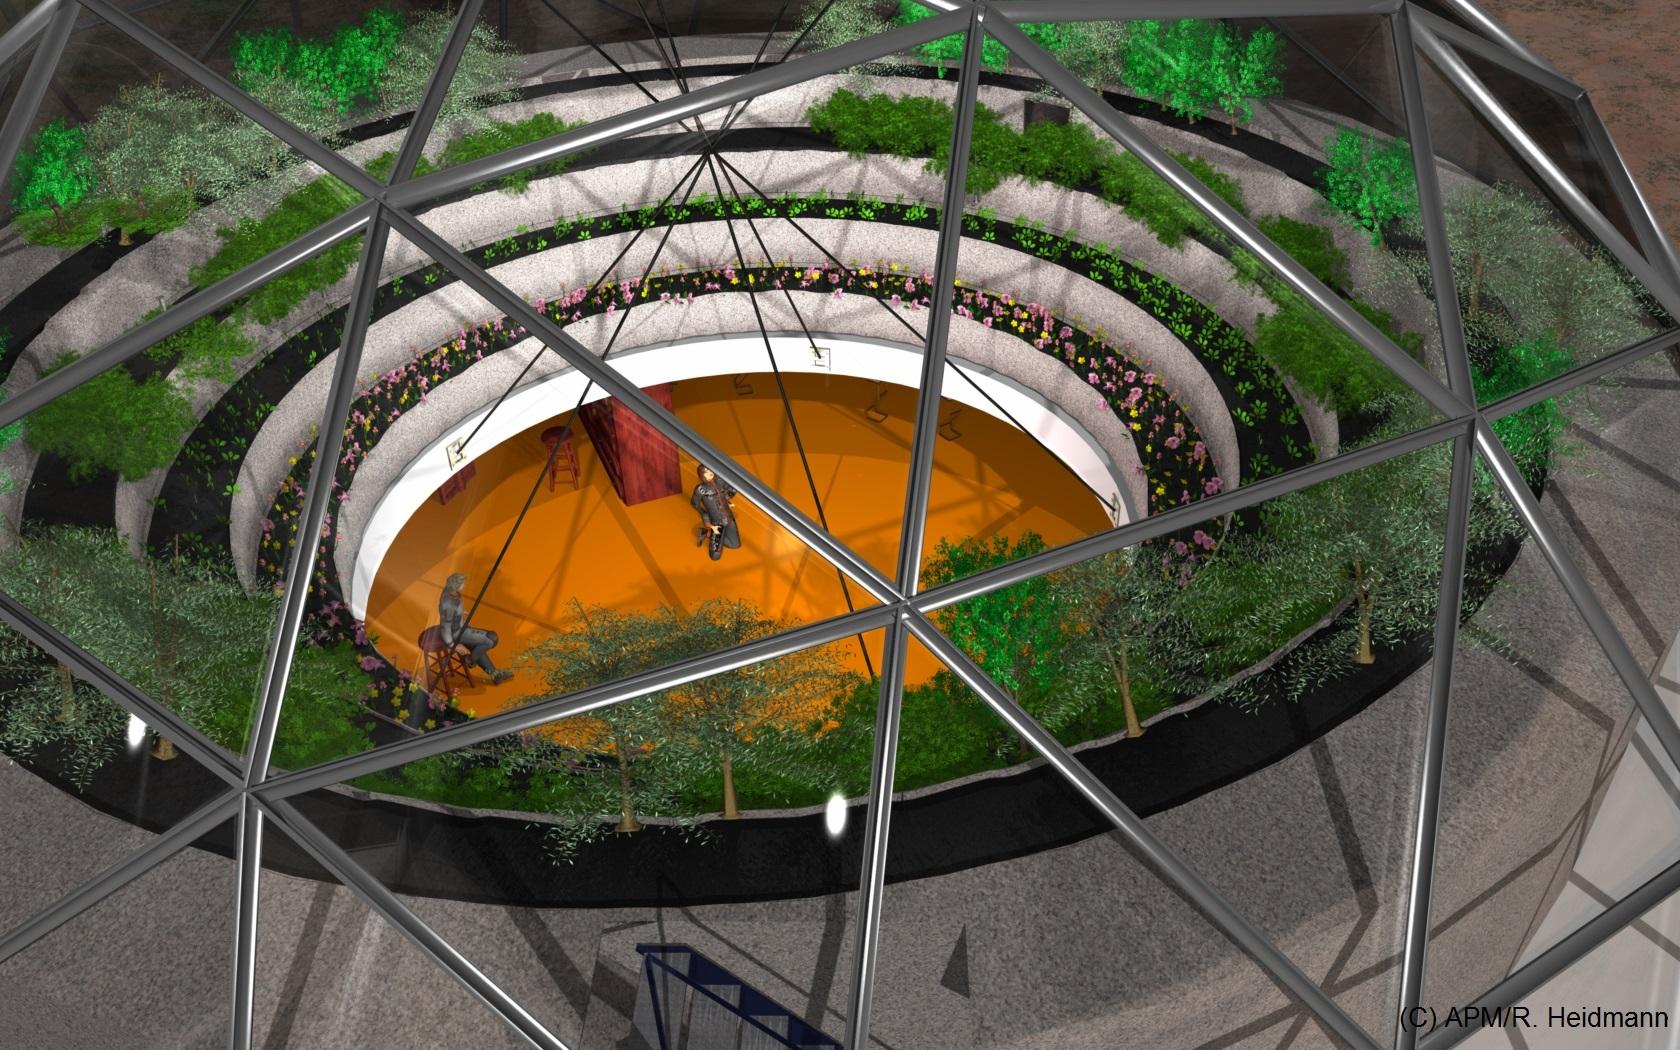 Vue de dessus d'un espace de restauration-socialisation de 30 m de diamètre, une dimension vraisemblablement trop ambitieuse pour les débuts de la colonie.